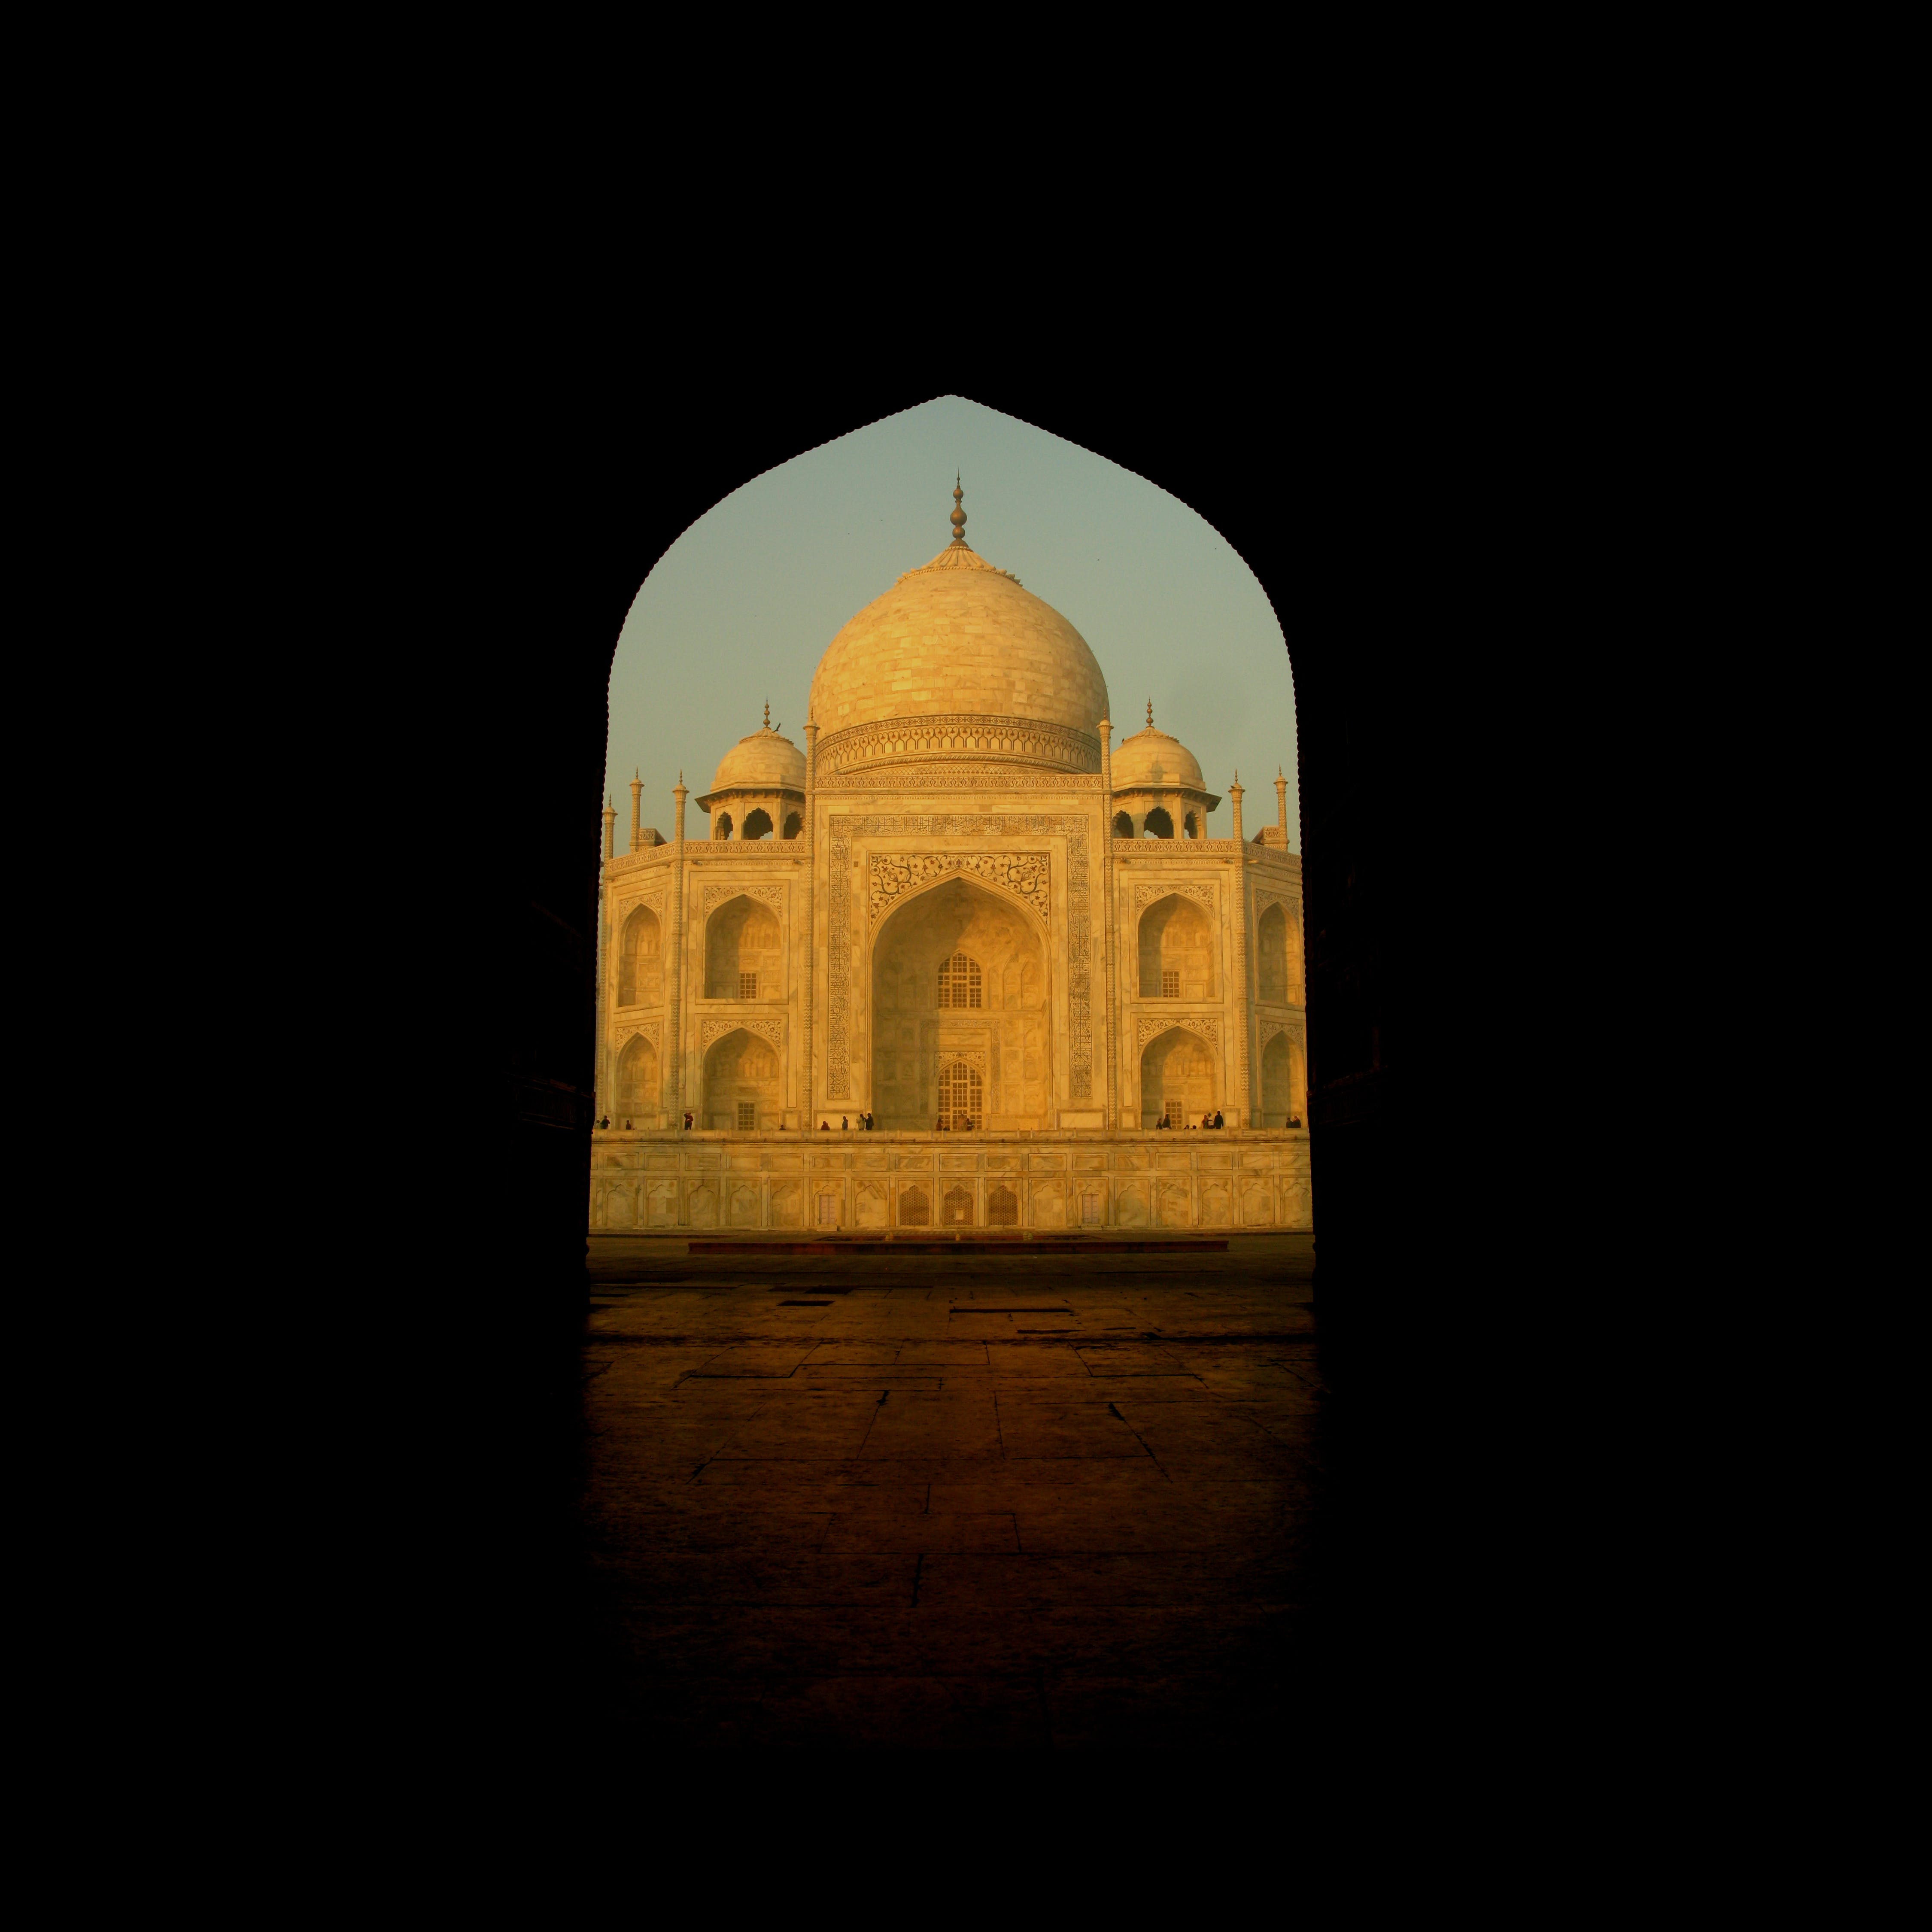 Ilmainen kuvapankkikuva tunnisteilla arkkitehtuuri, hauta, Intia, intialainen